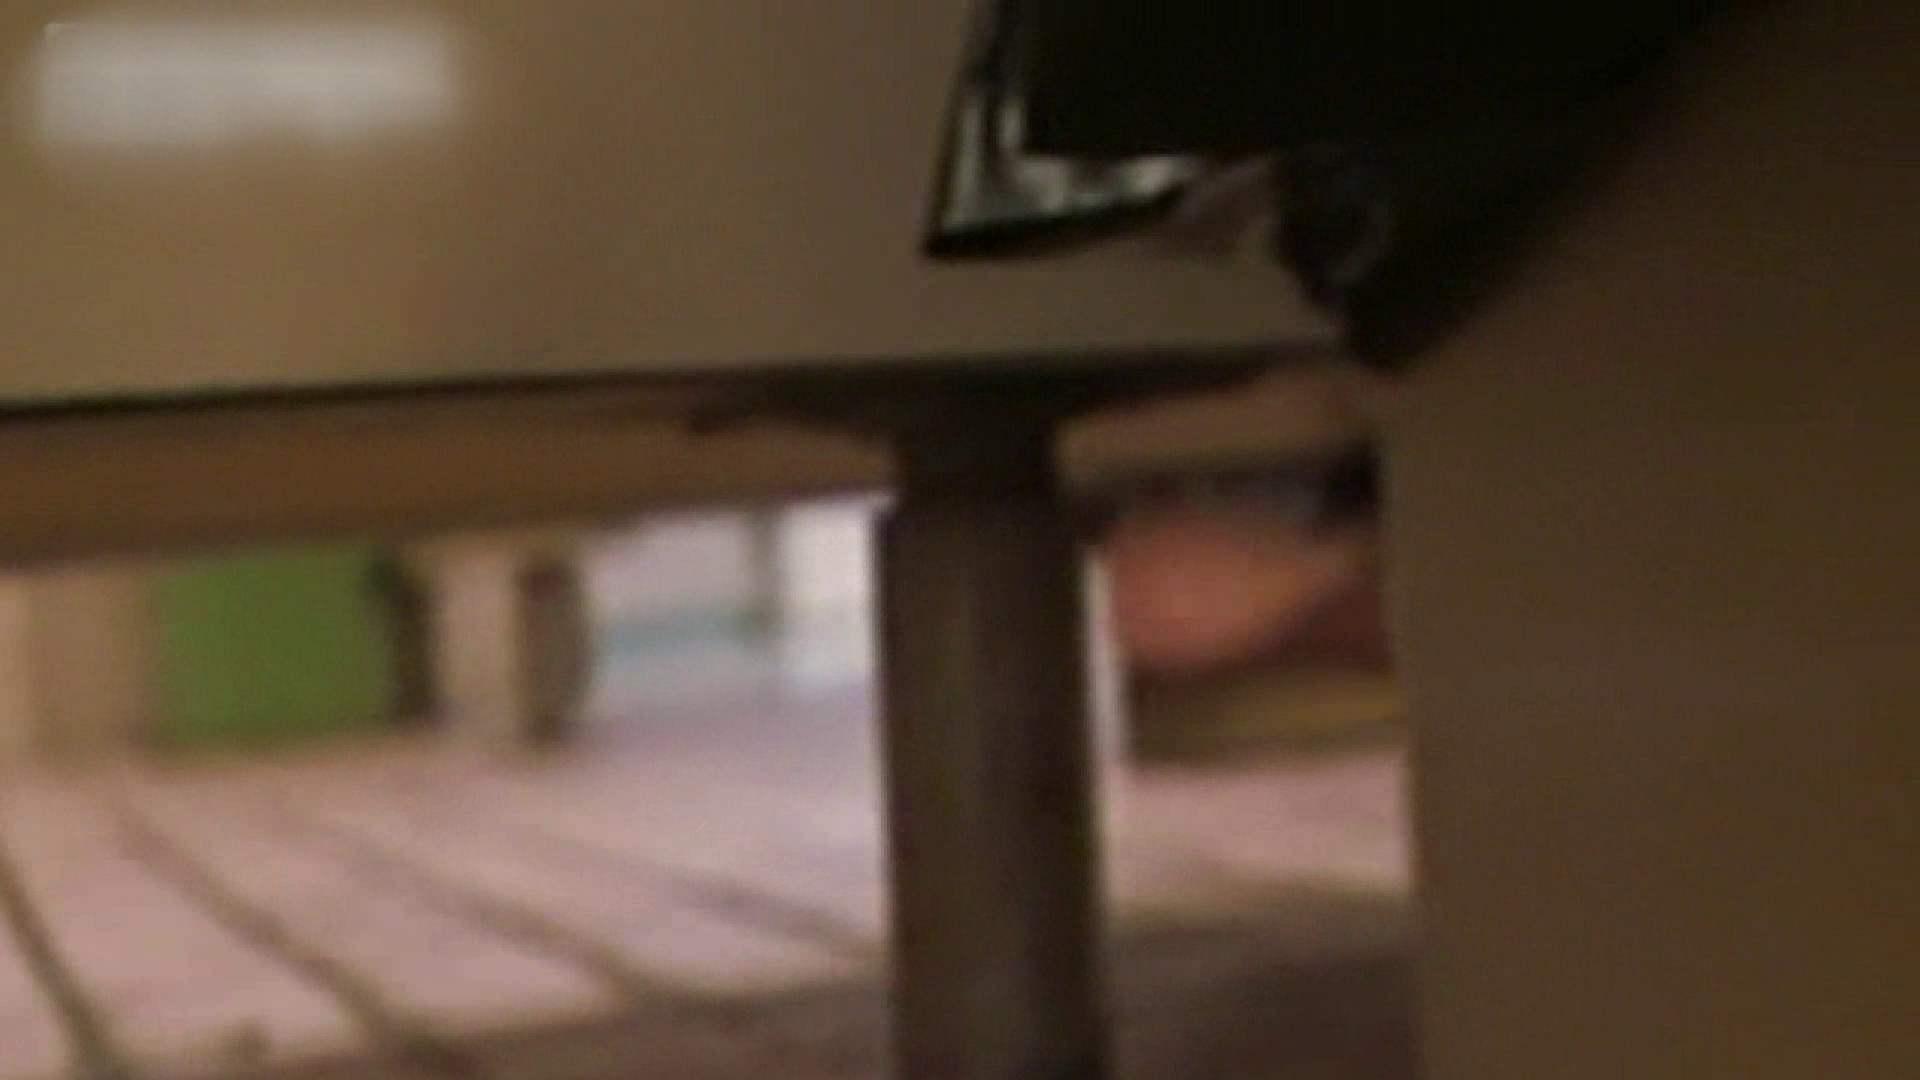 ロックハンドさんの盗撮記録File.63 接写 | オマンコ丸出し  63画像 31